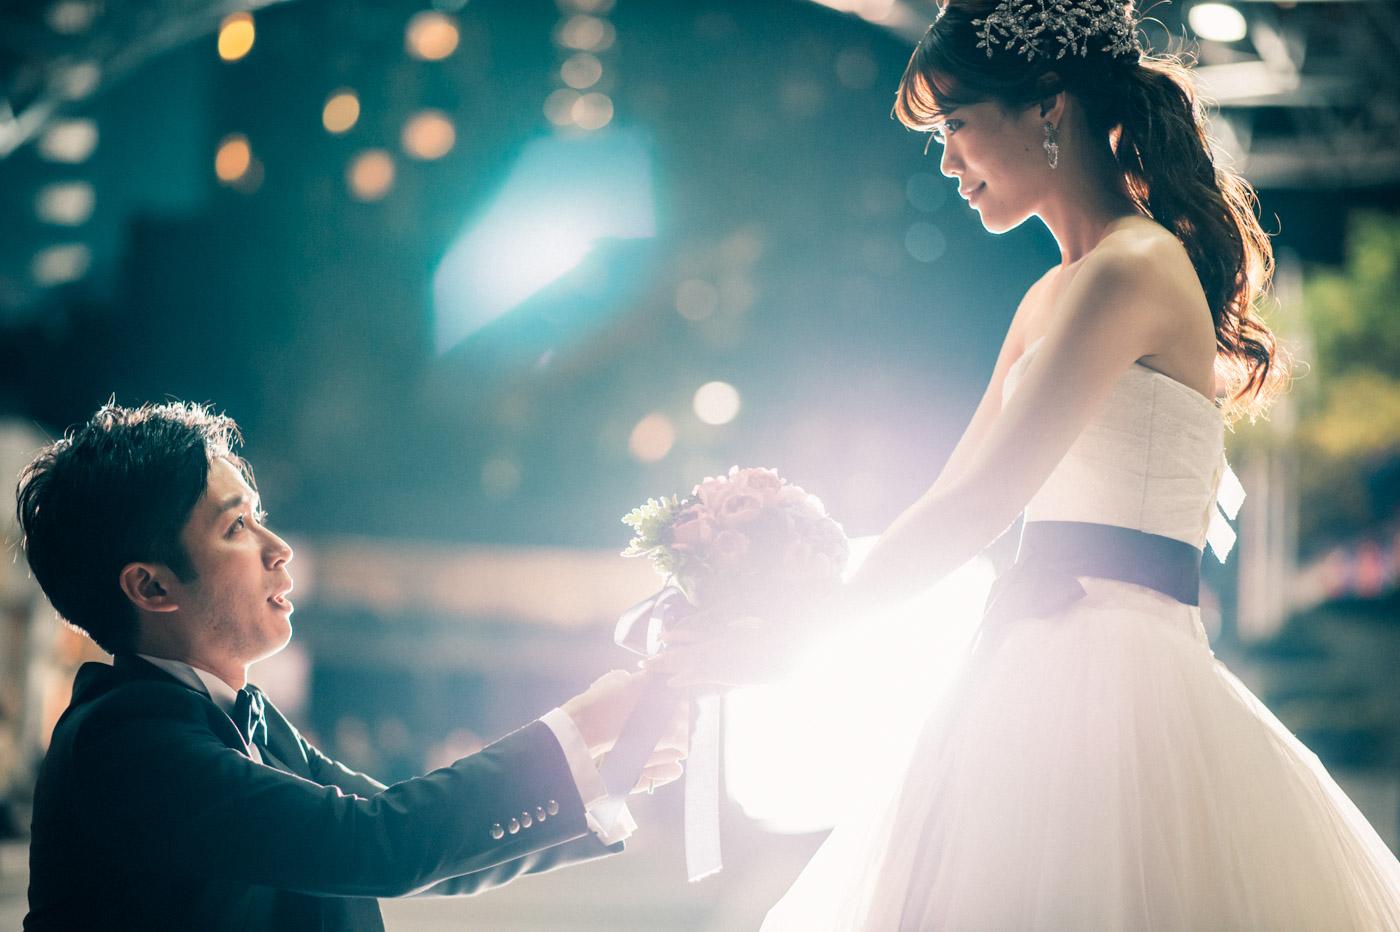 ARK HILLS CAFEで結婚式二次会の撮影しました!